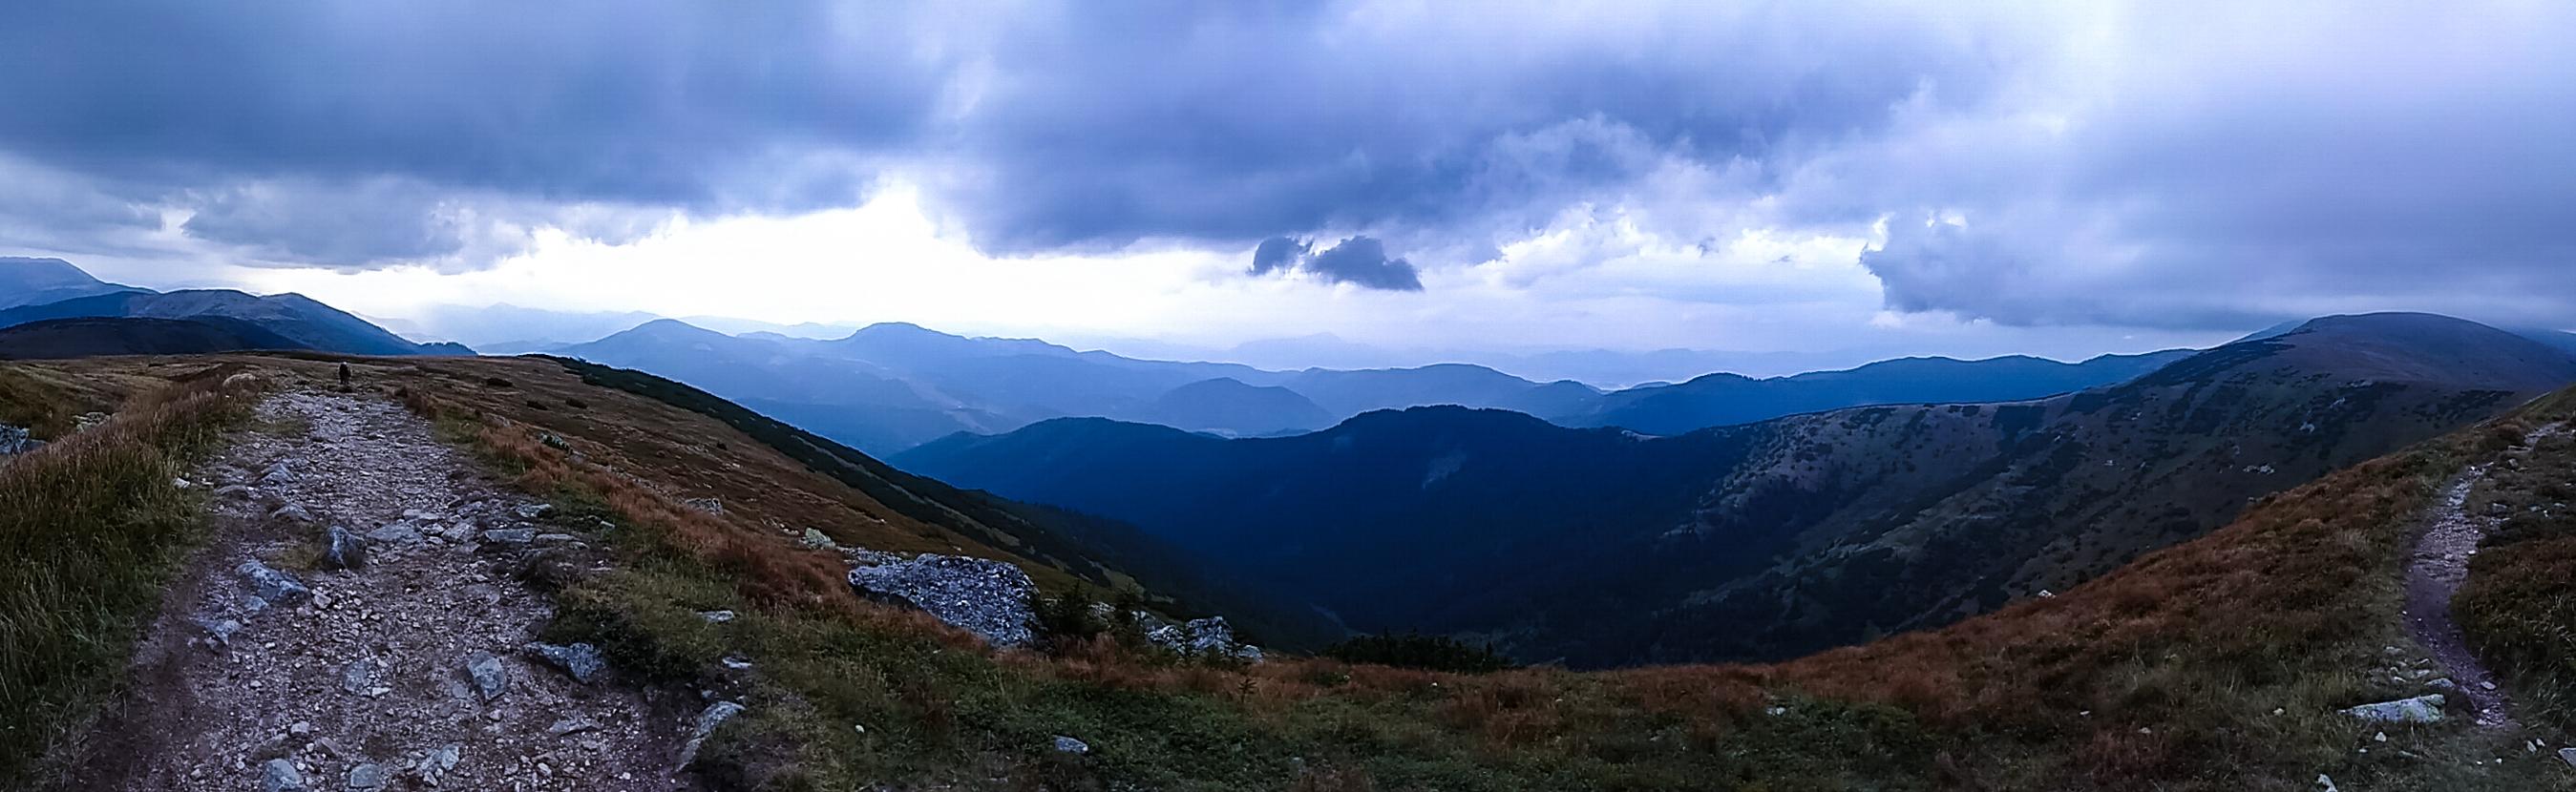 Slowakei Kammwanderung in der Niederen Tatra